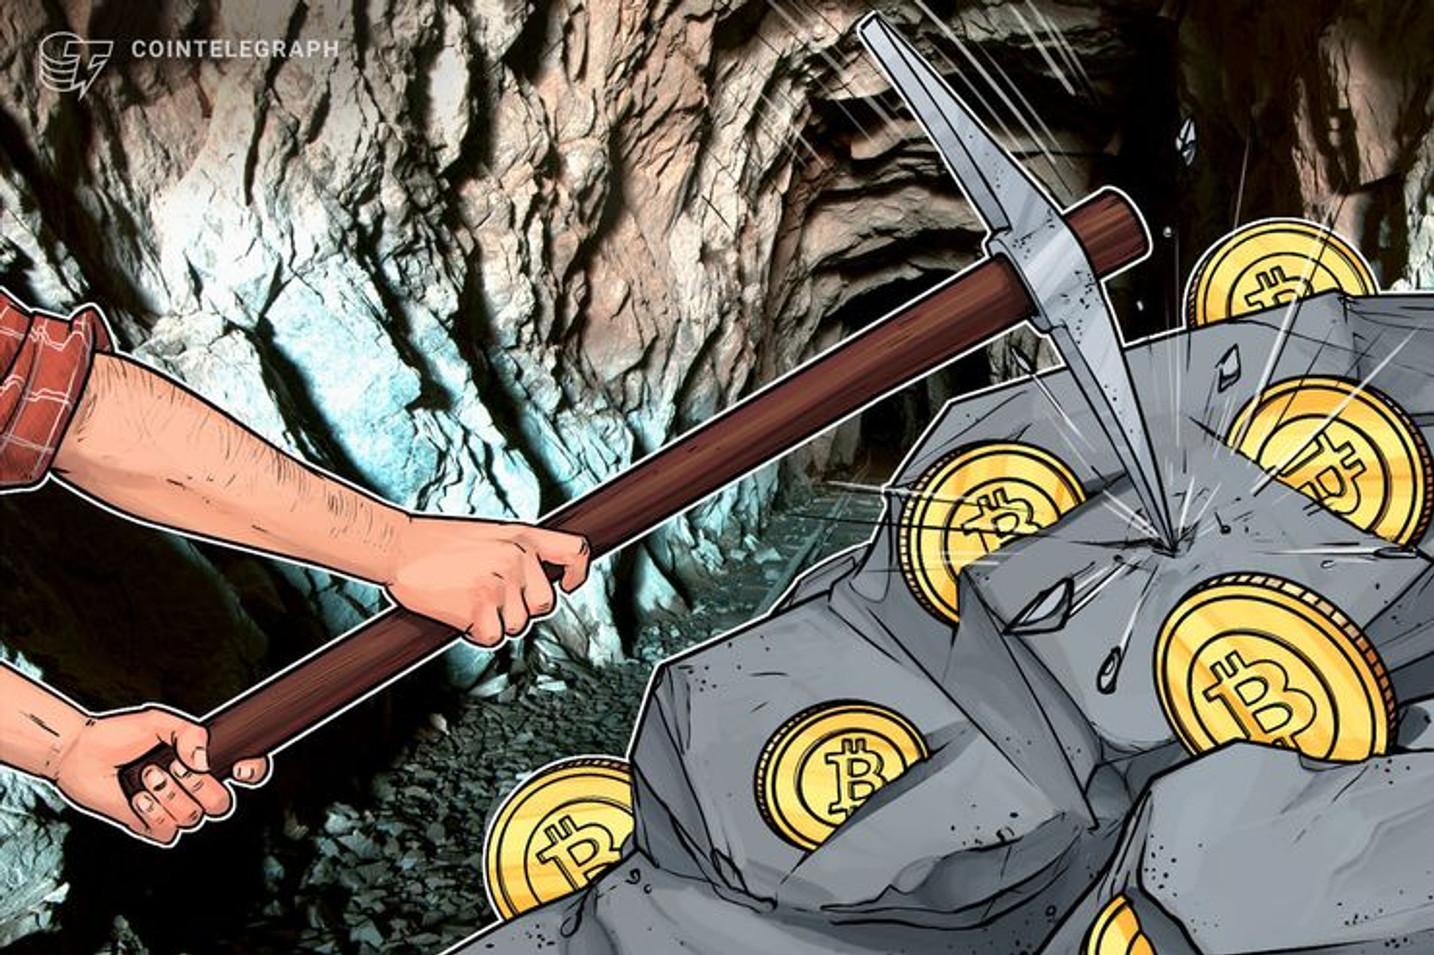 La tasa de hash de Bitcoin aumenta un 64% antes del halving y análisis indica que el precio subirá